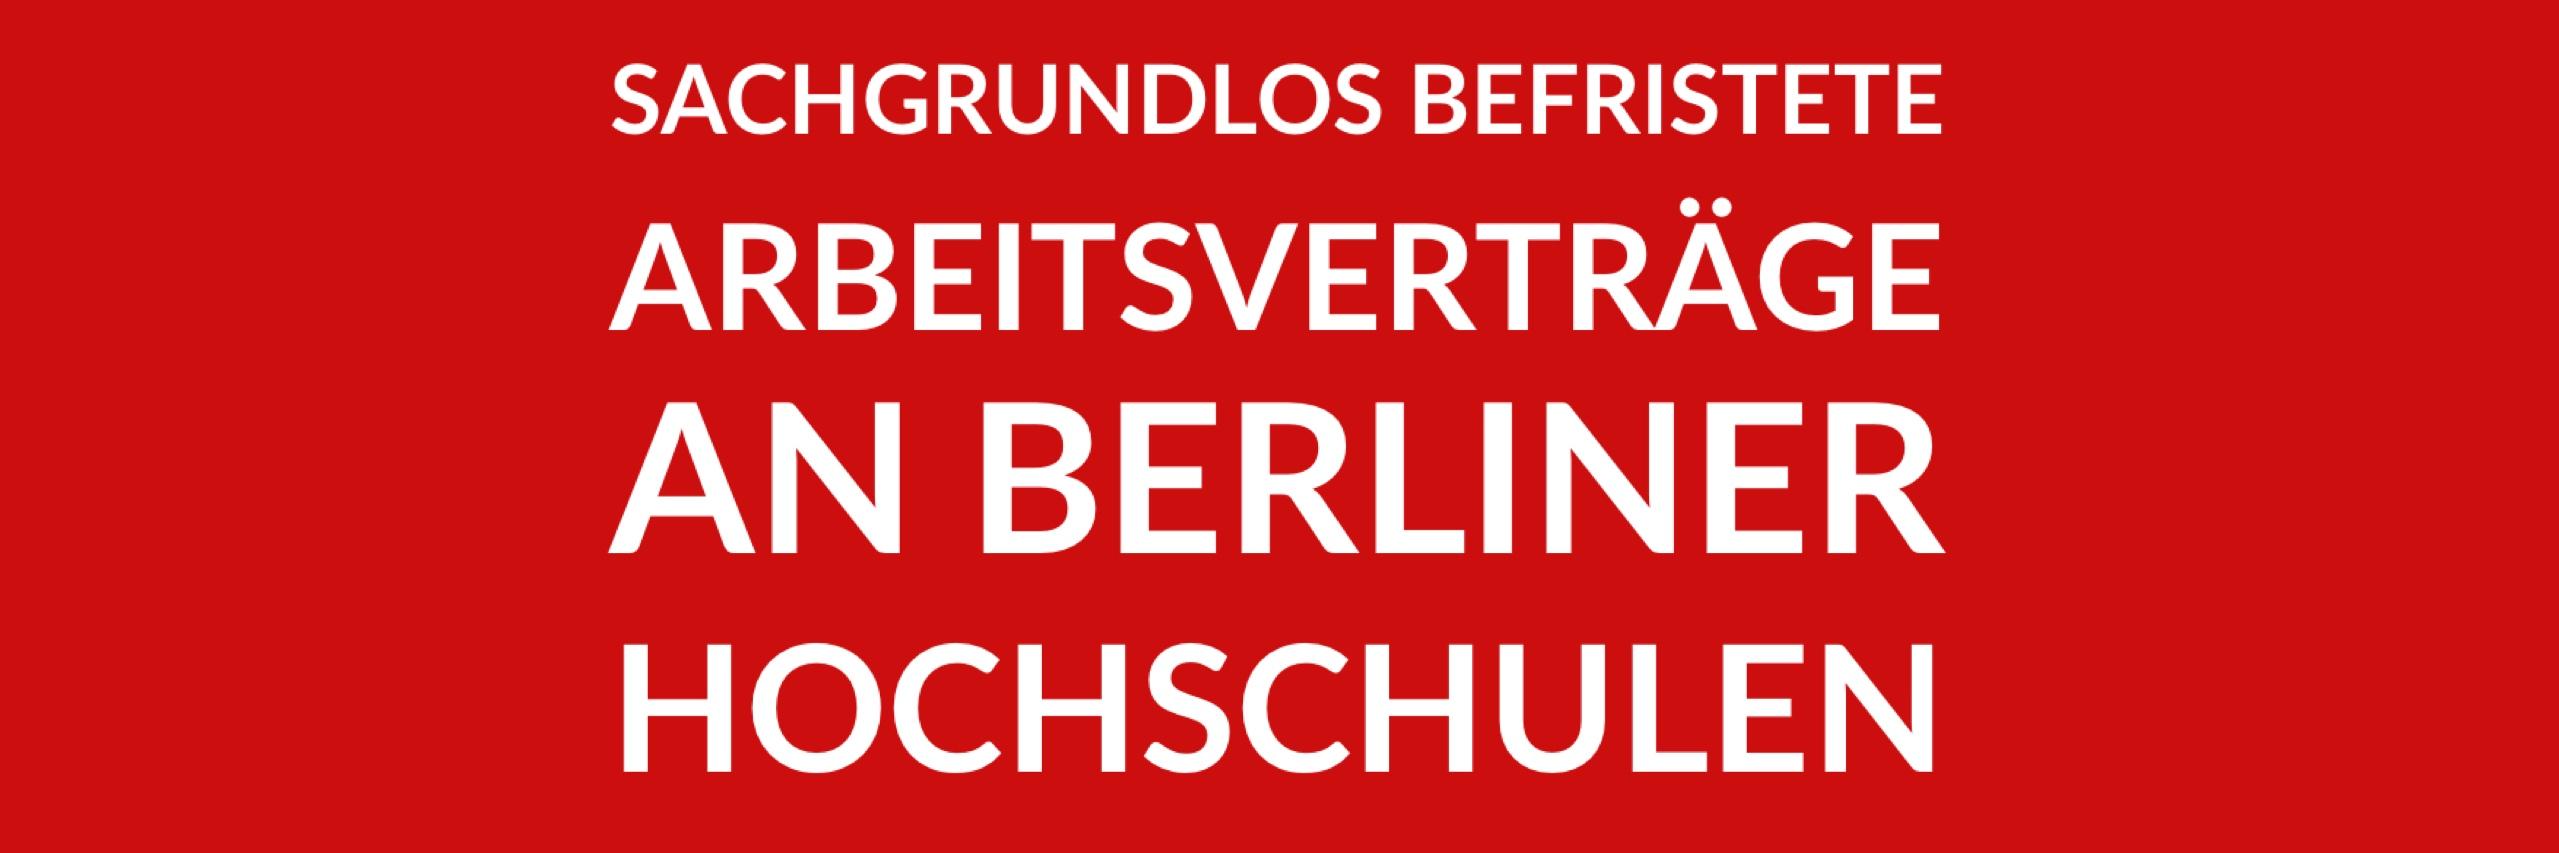 Anfrage 'Sachgrundlos befristete Arbeitsverträge an Berliner Hochschulen' (PDF)